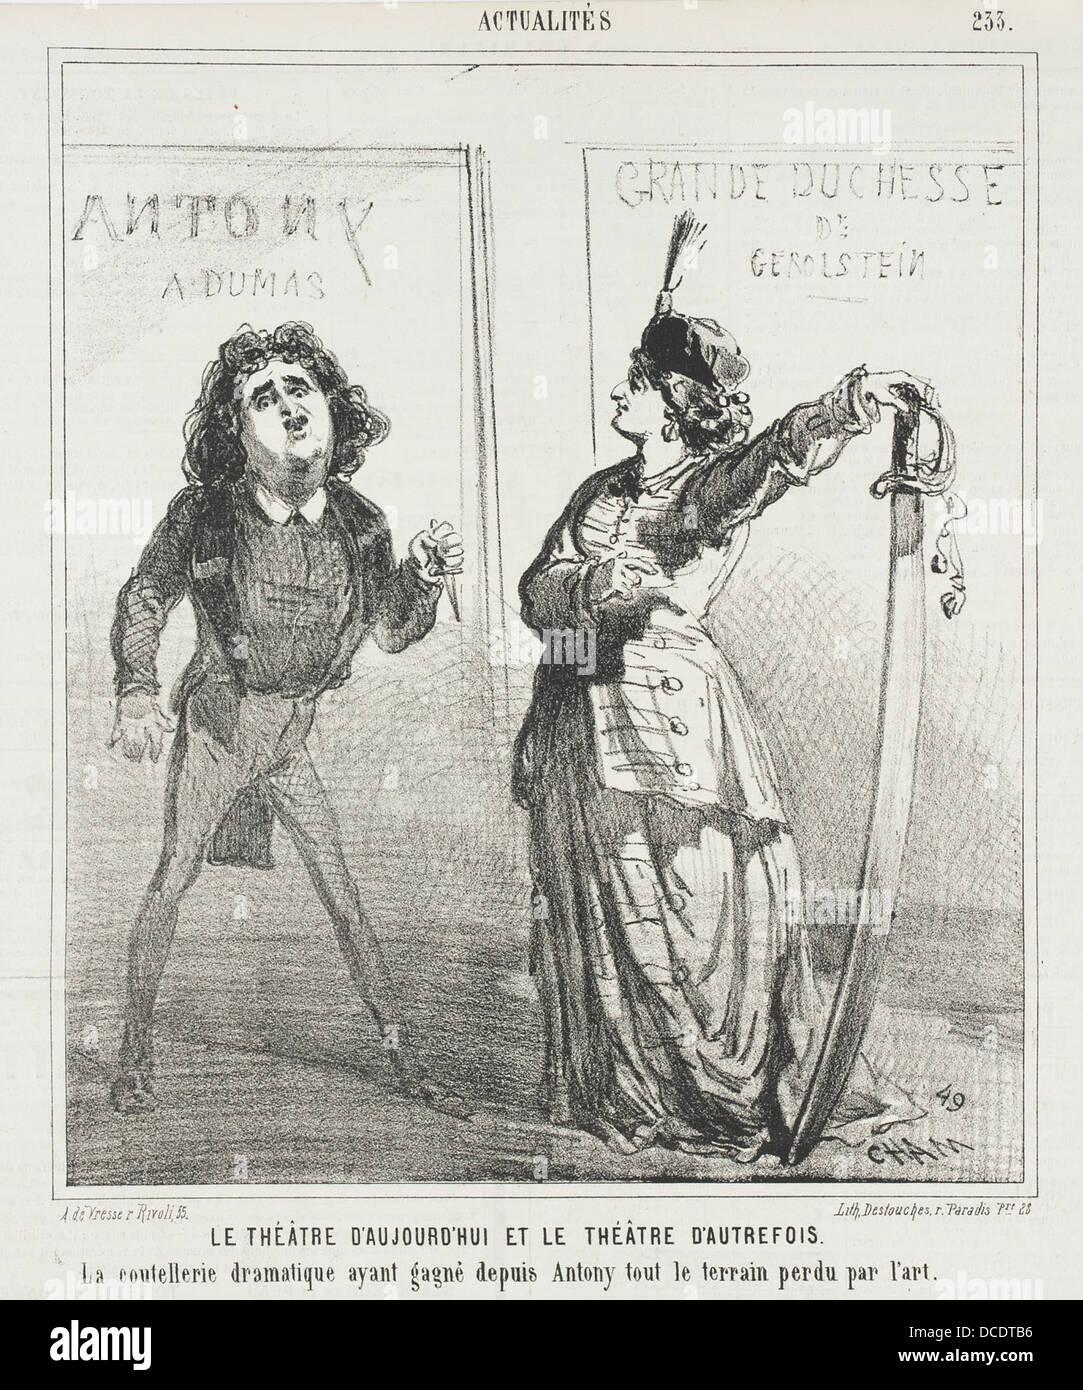 Le Theatre d'aujourd'hui et le theatre d'autrefois. La Coutellerie dramatique ayant gagne depuis Antony - Stock Image